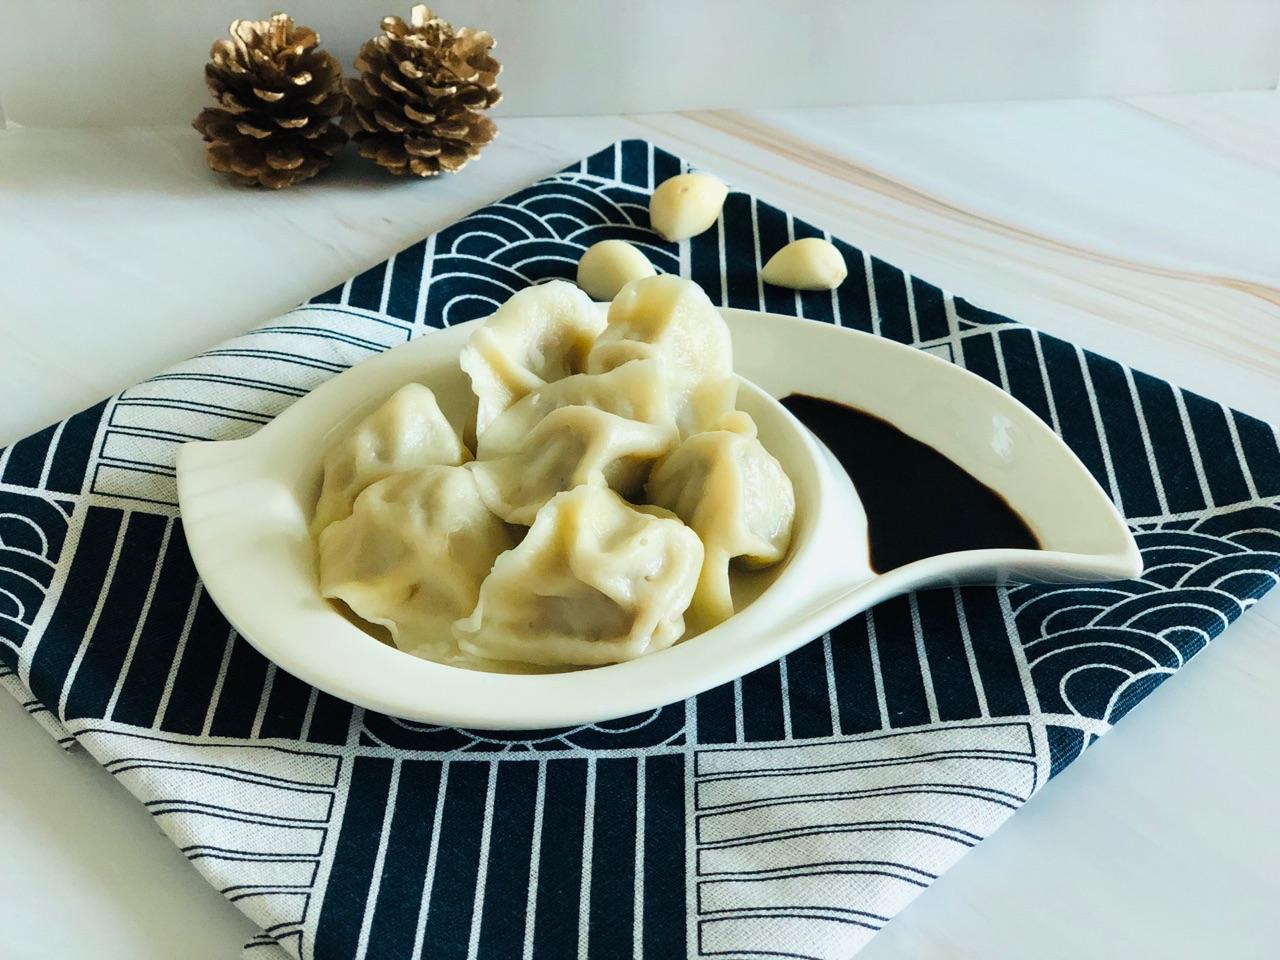 洋葱胡萝卜牛肉中油Naoh食品在饺子炸图片